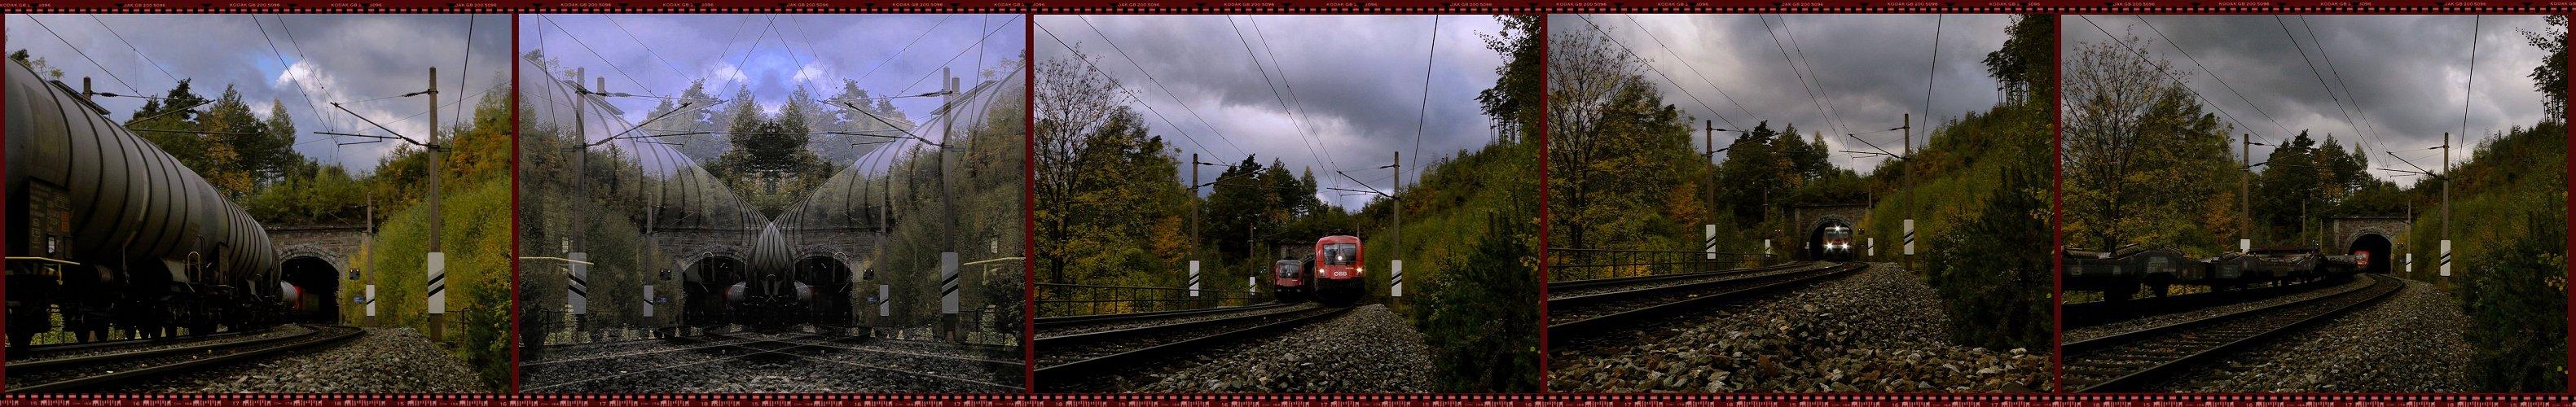 Südbahn-Exkursion 2013 - mit CK nach der Suche ...